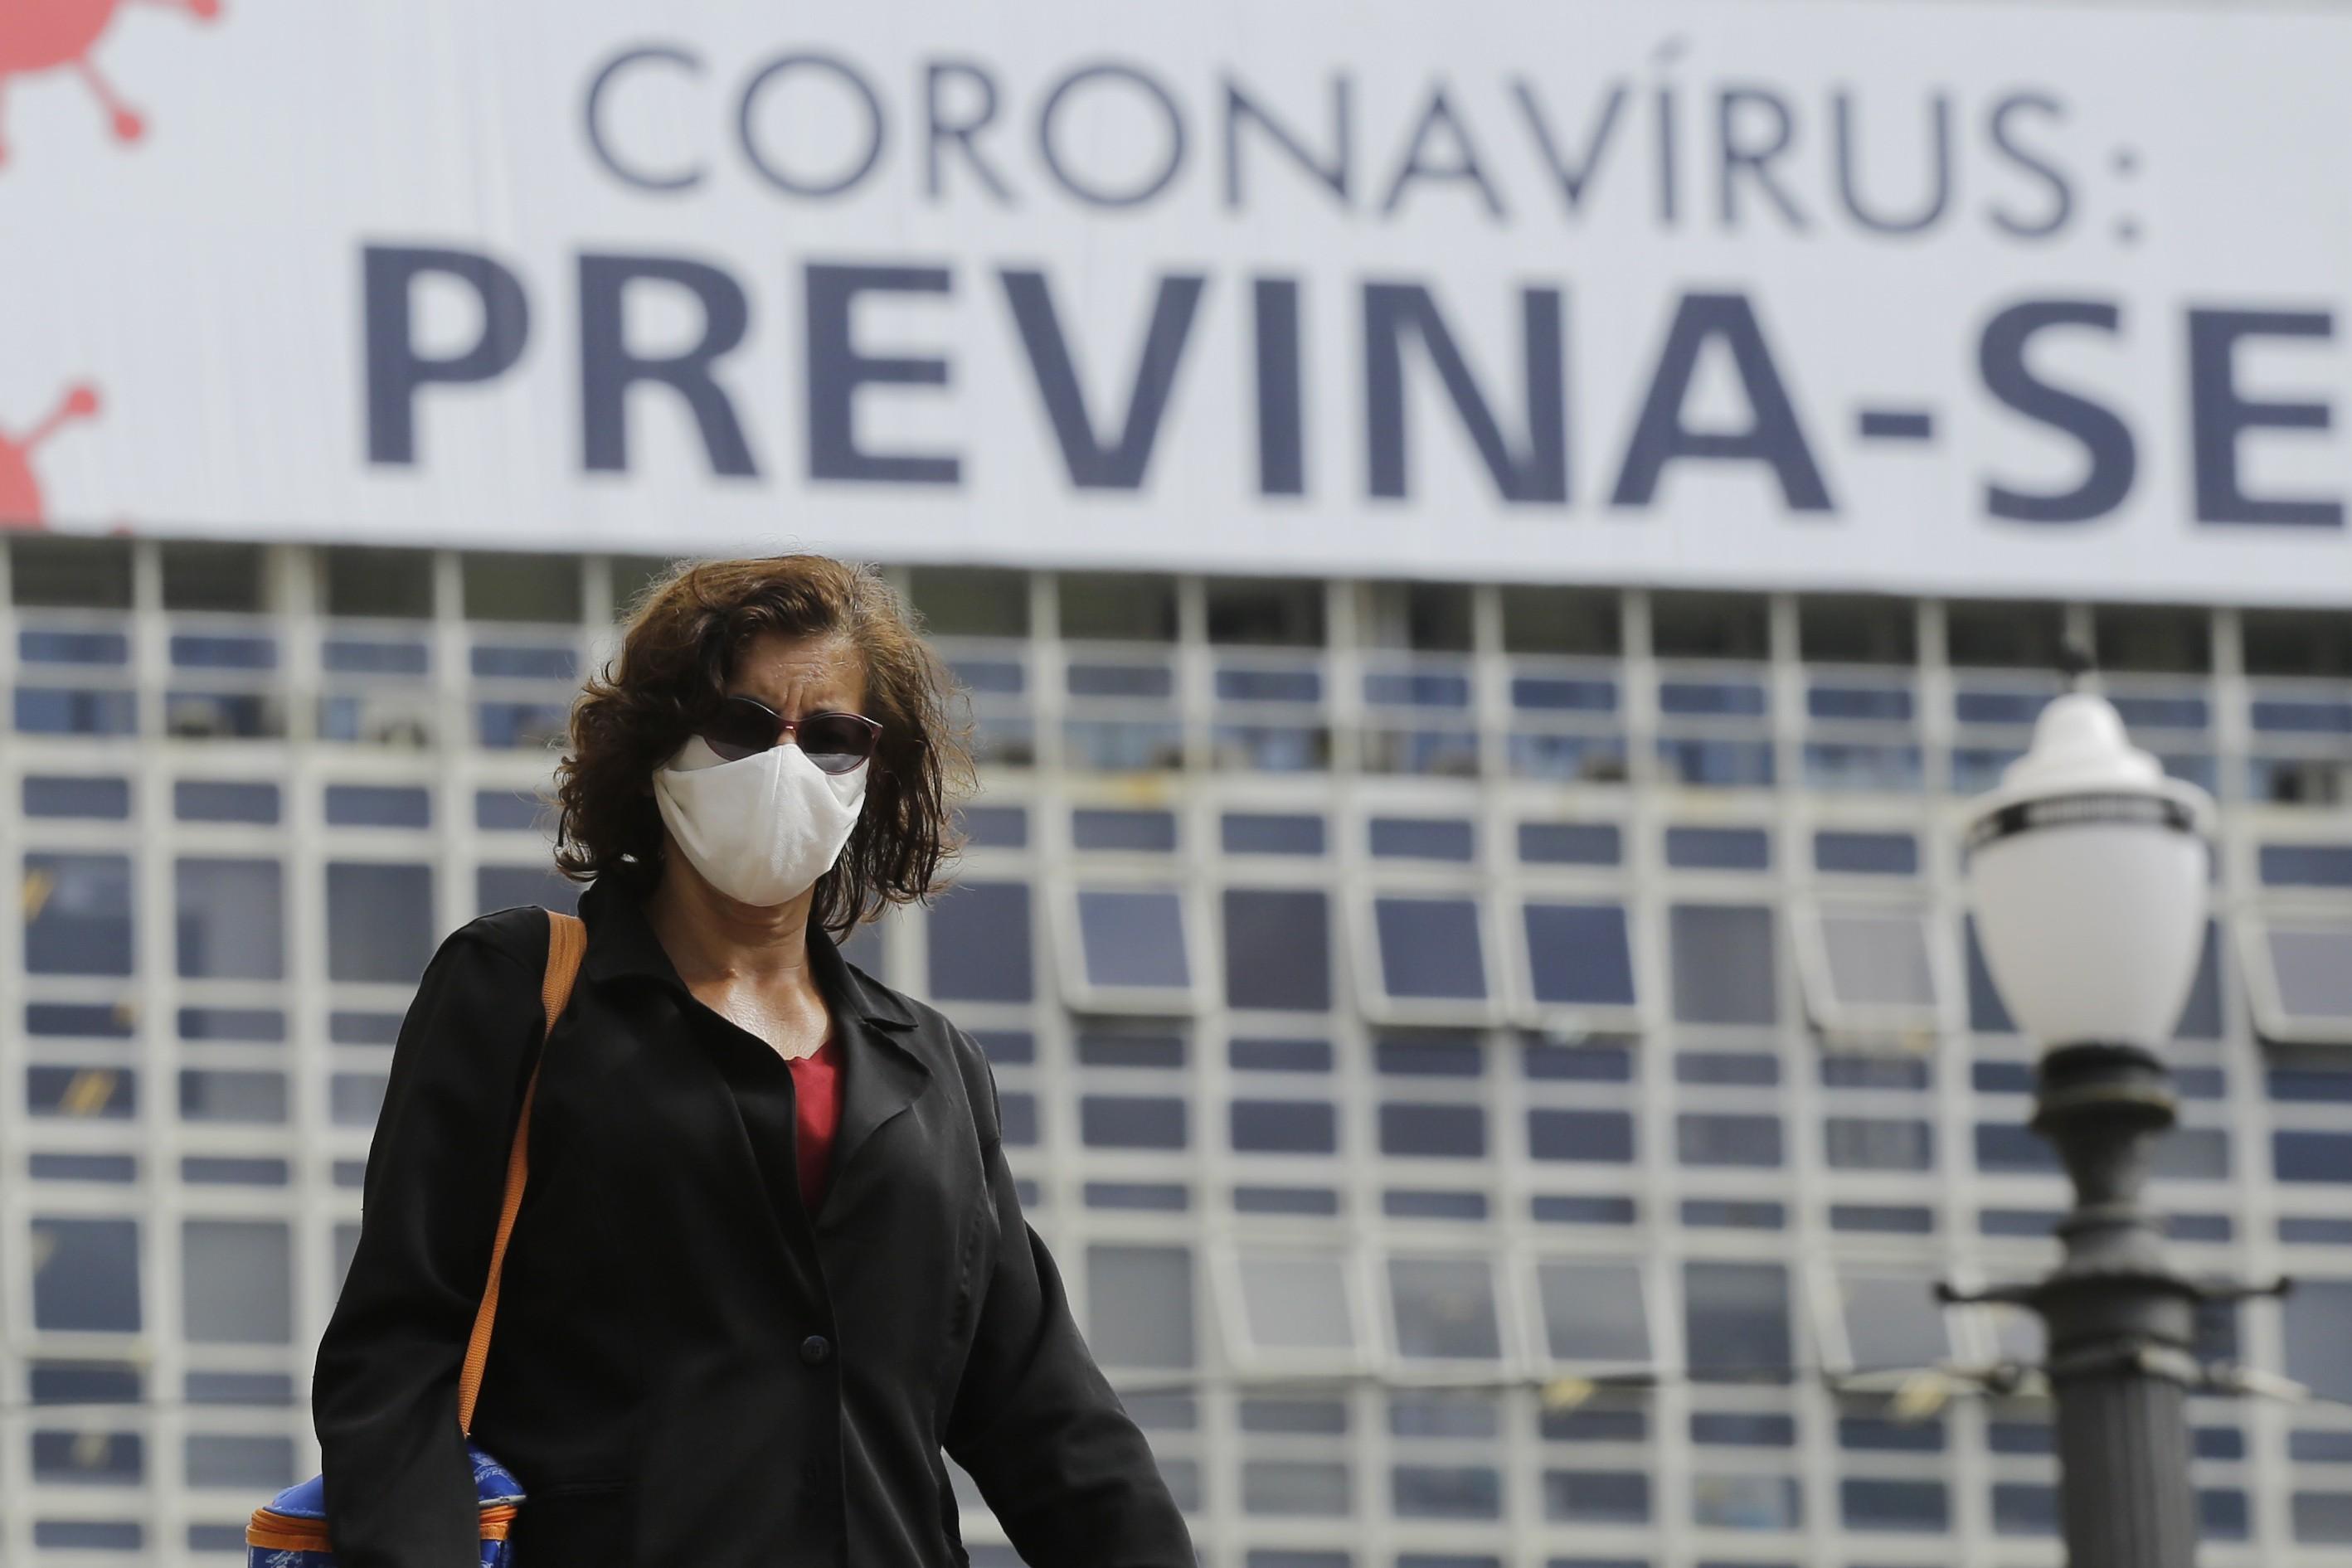 Coronavírus: Araras registra 9º caso e confirma transmissão comunitária de Covid-19